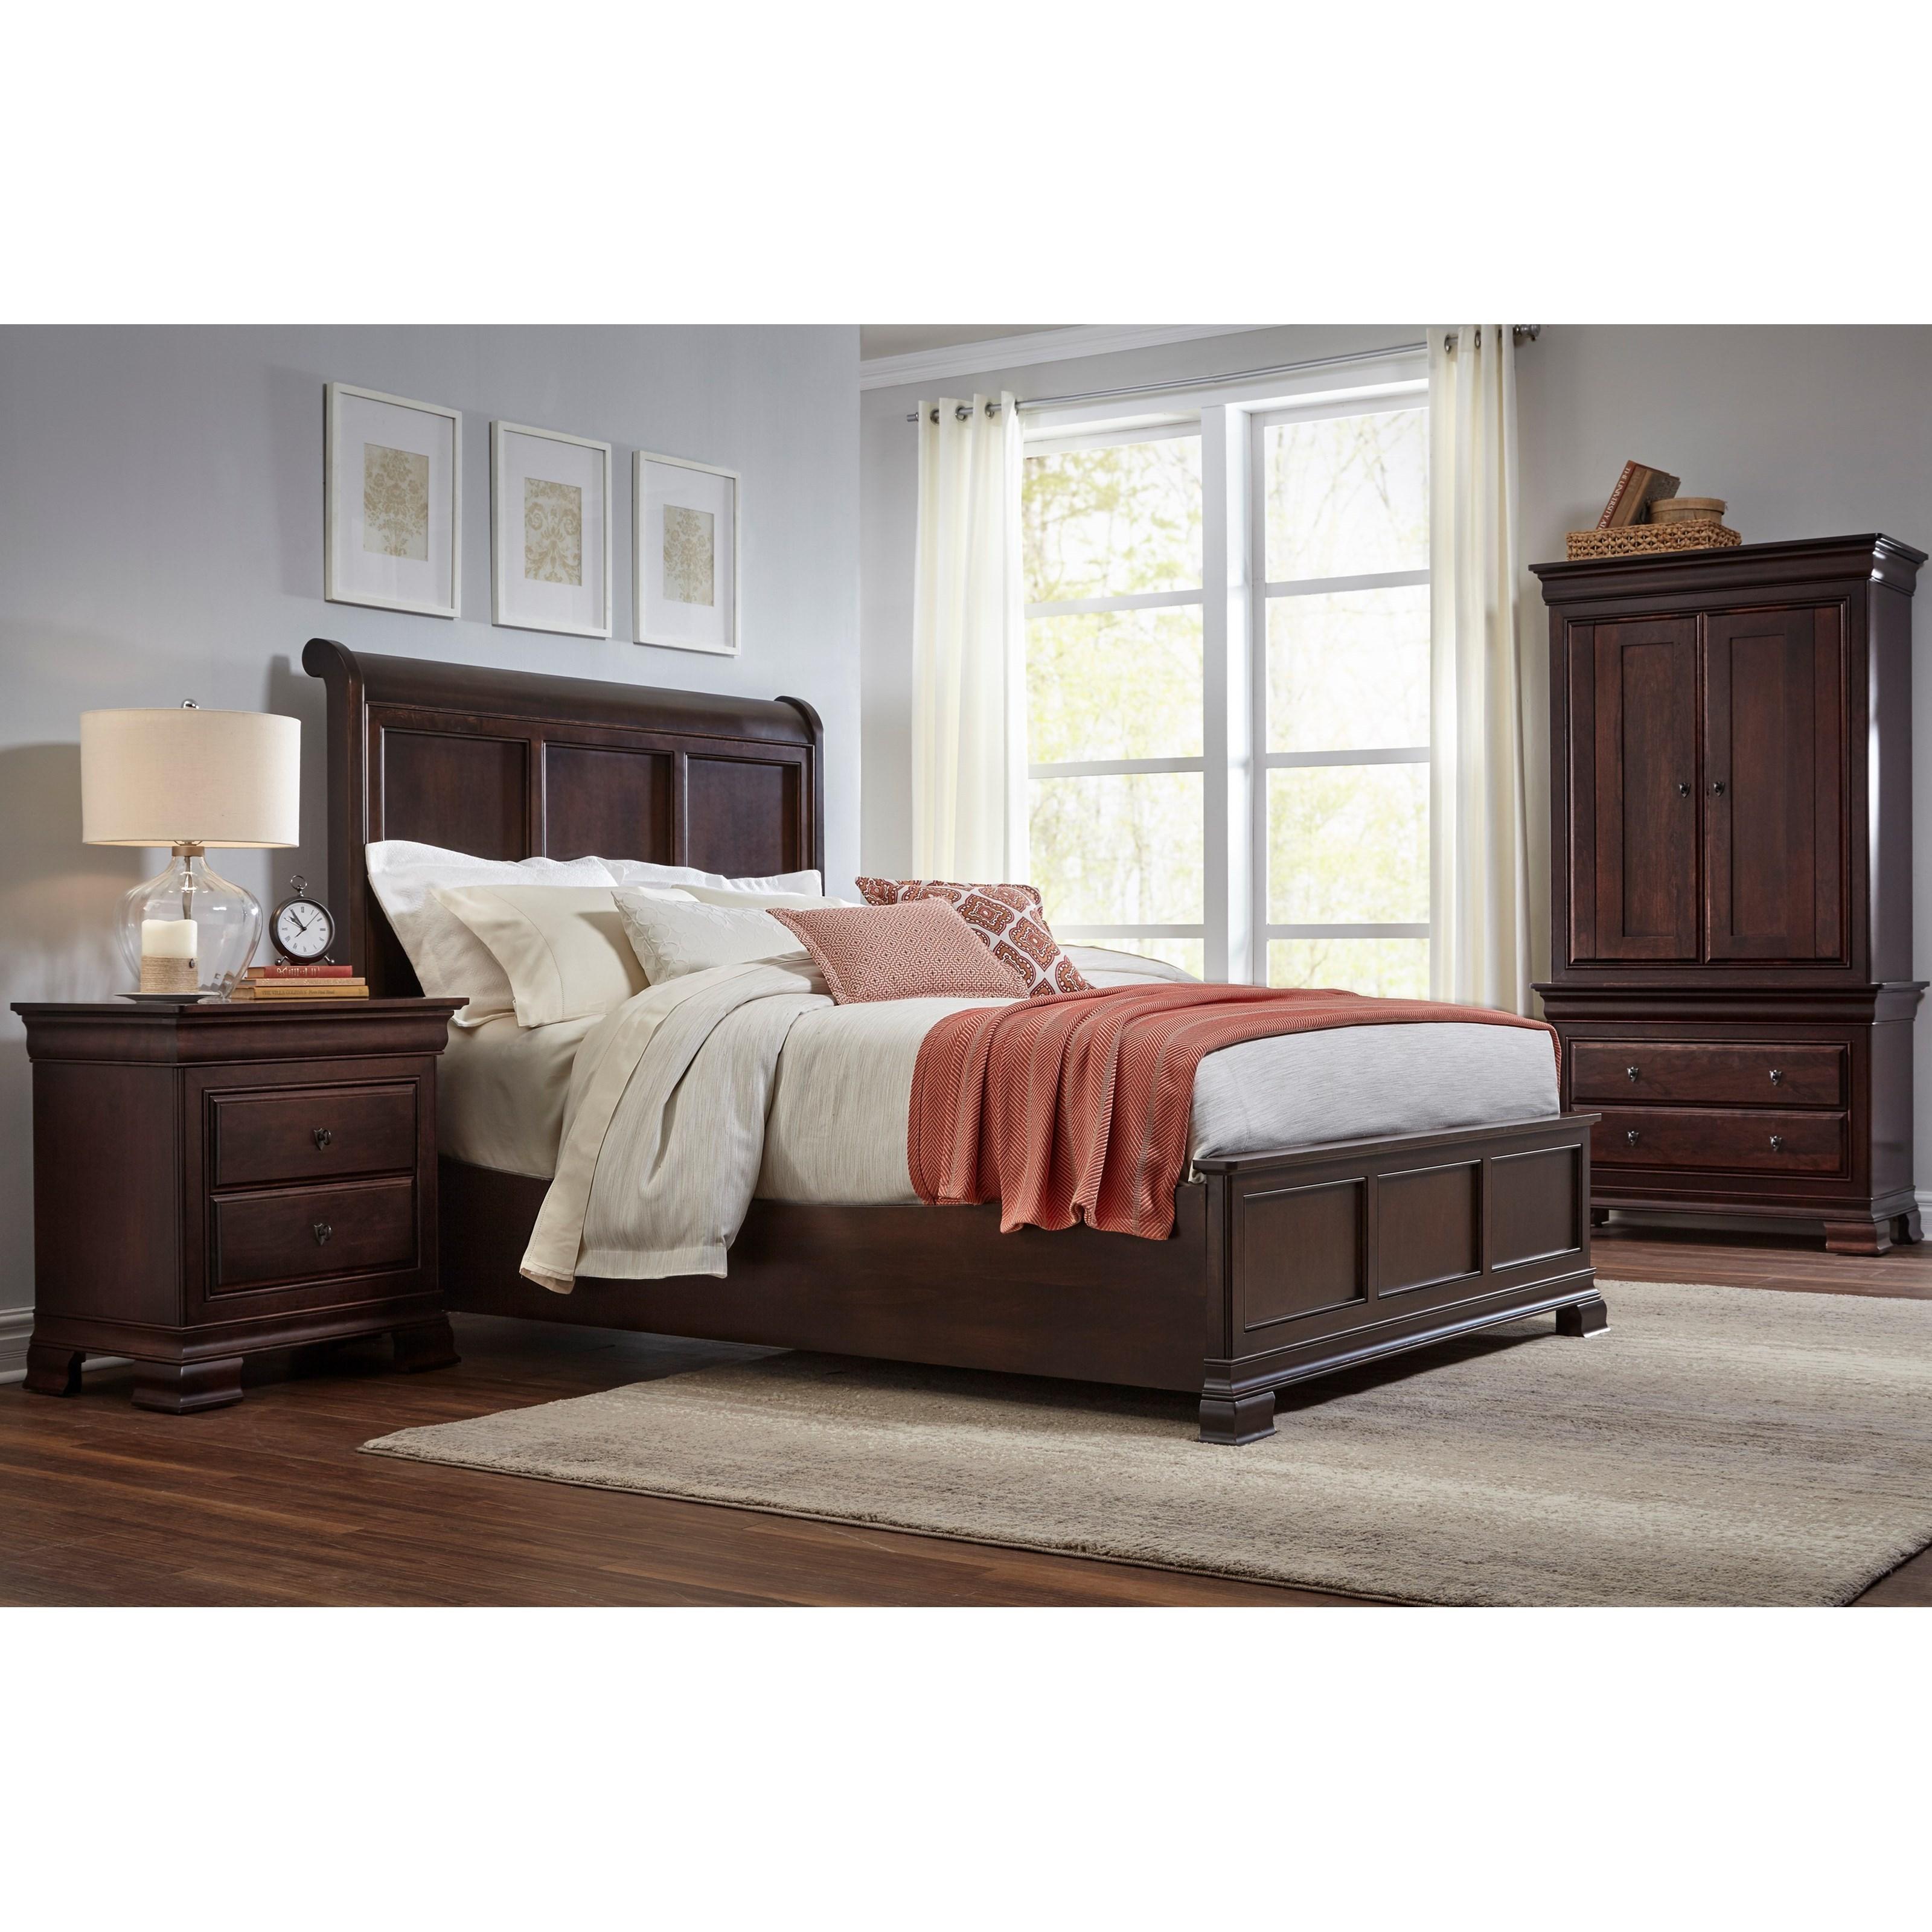 Daniel 39 S Amish Paris Queen Bedroom Group John V Schultz Furniture Bedroom Groups